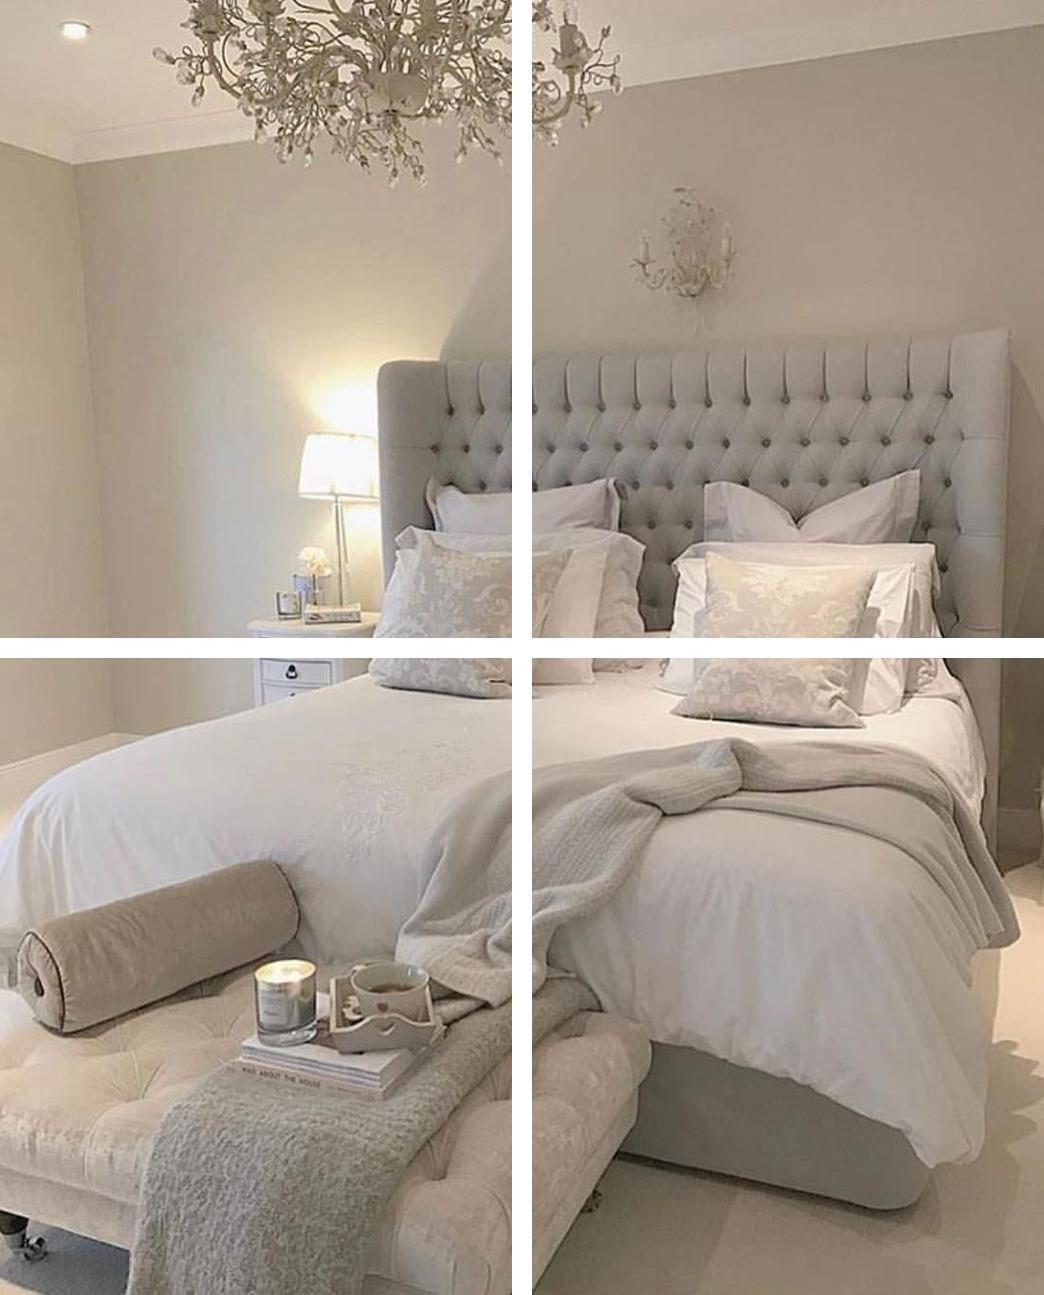 Full Bedroom Furniture Cedar Bedroom Furniture Best Cheap Bedroom Furniture Cheap Bedroom Sets Small Living Room Decor Affordable Bedroom Furniture